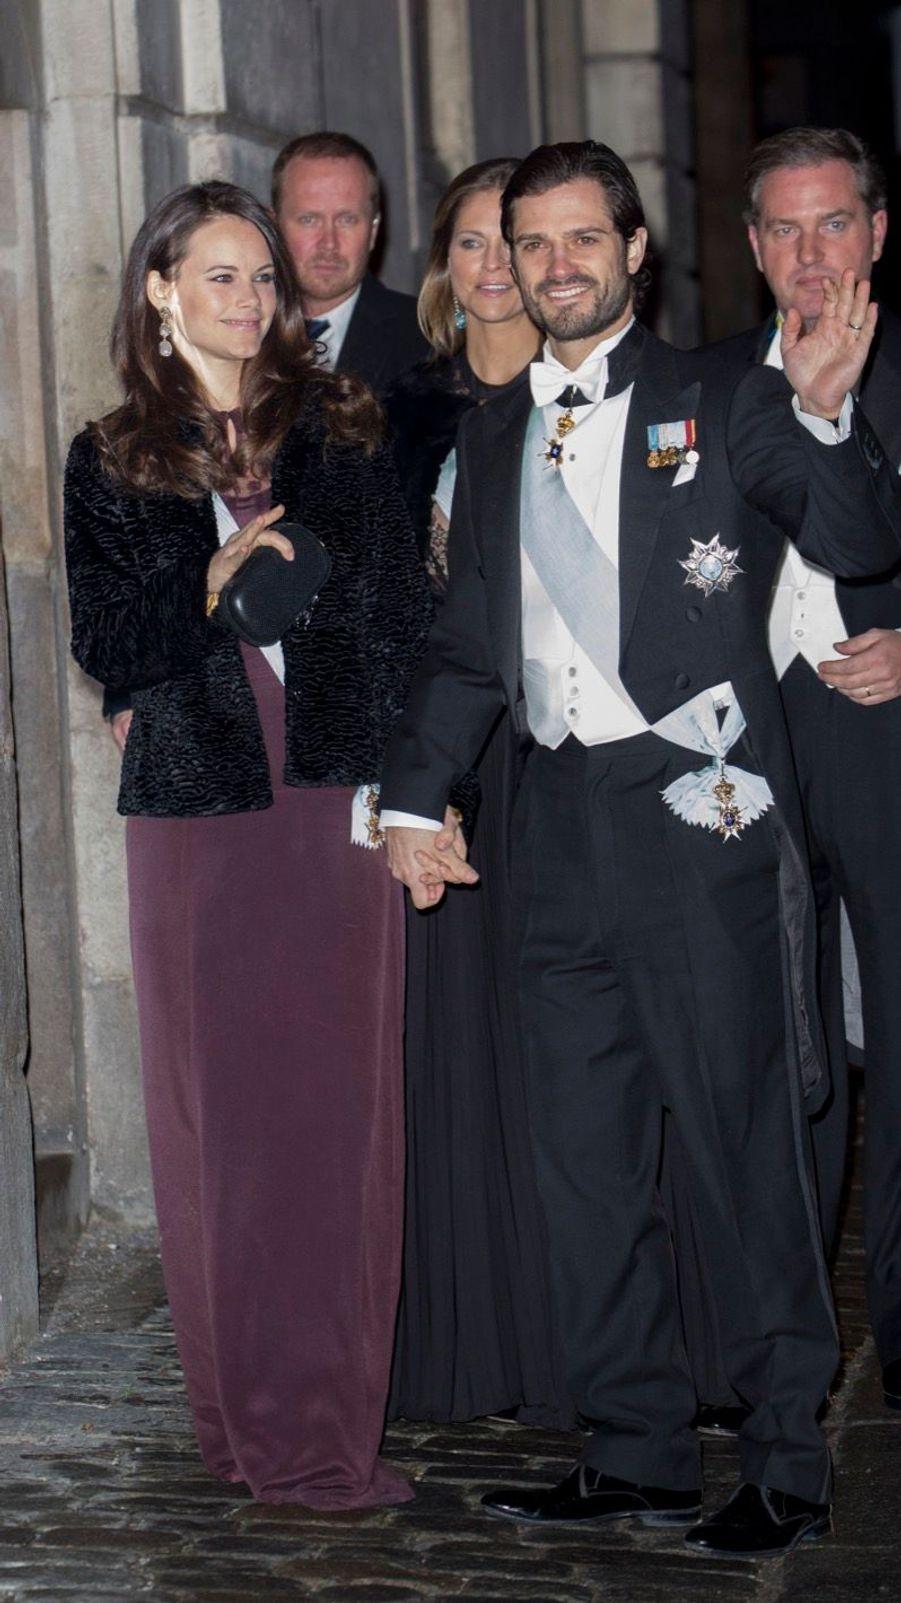 La Famille Royale Suédoise Réunie Pour L'assemblée De L'Académie 5